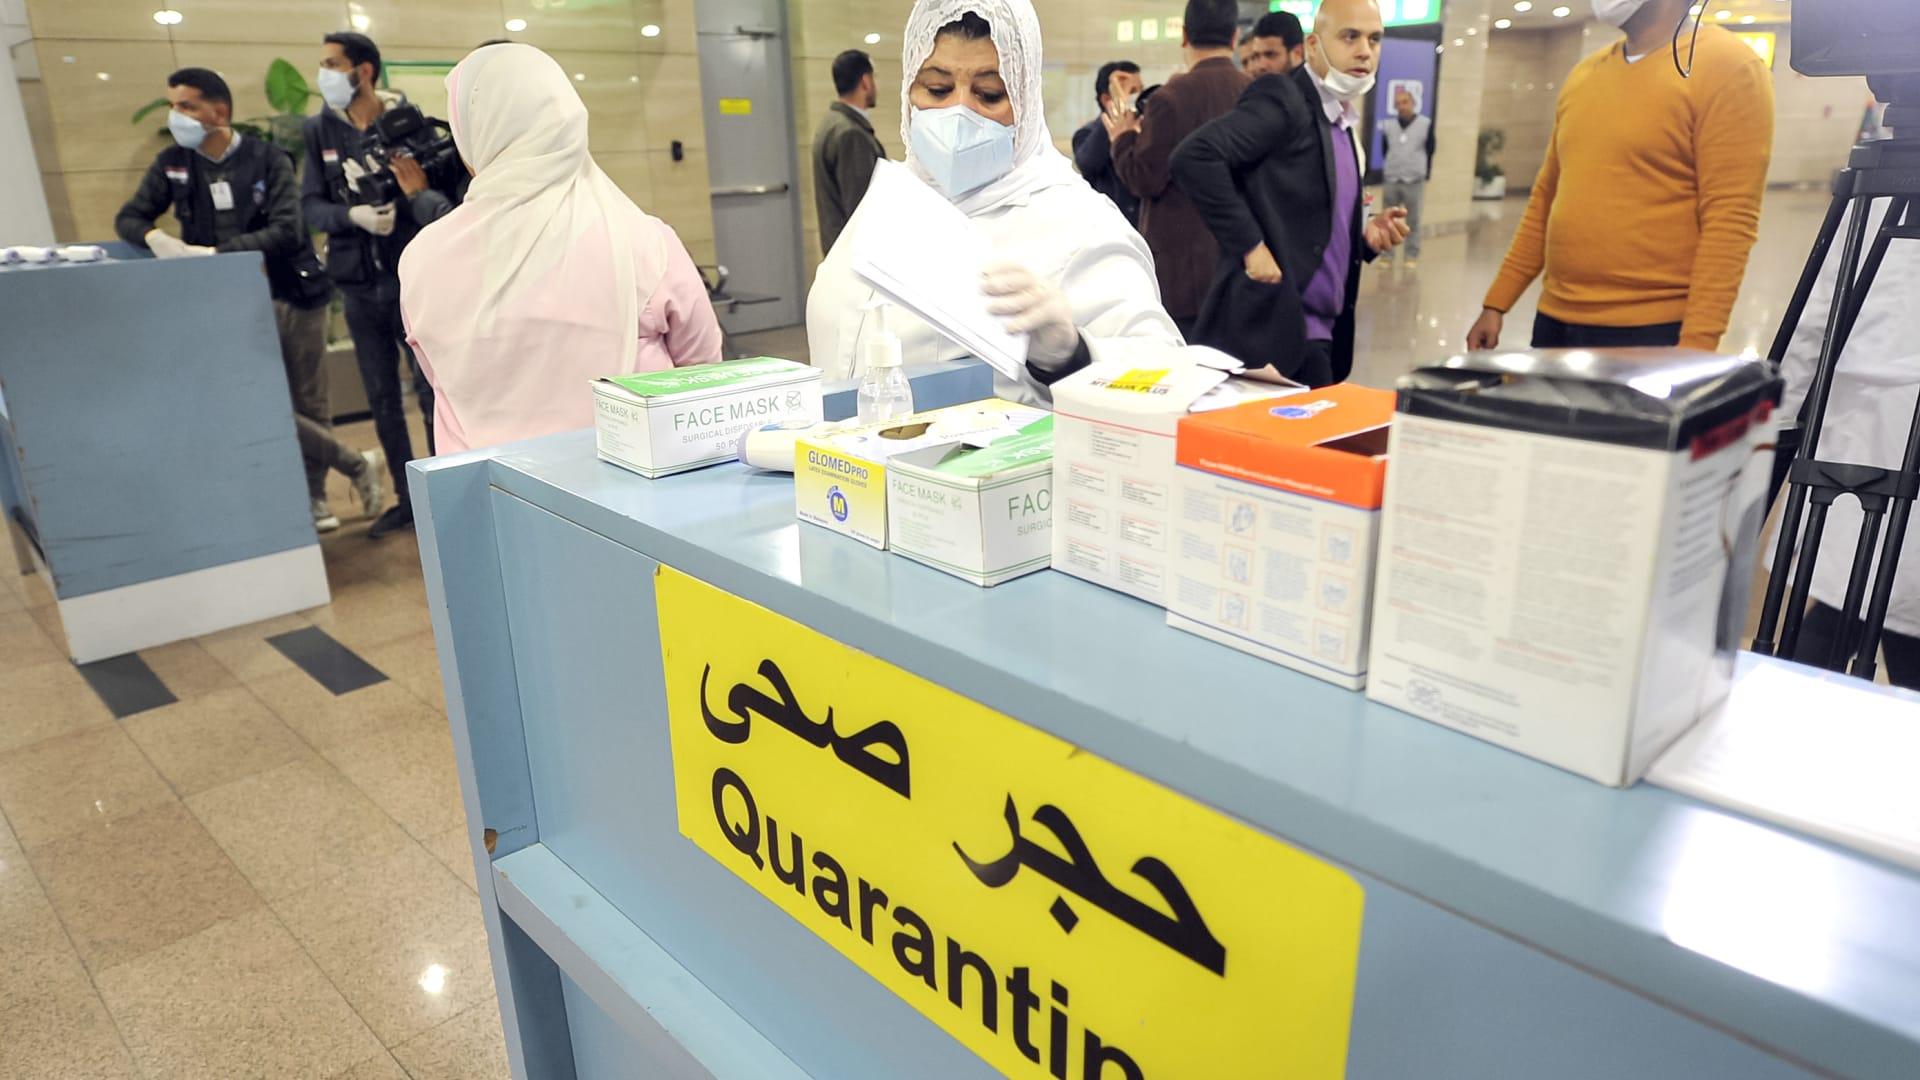 الولايات المتحدة تسجل أكثر من 3 آلاف إصابة و61 حالة وفاة بسبب فيروس كورونا